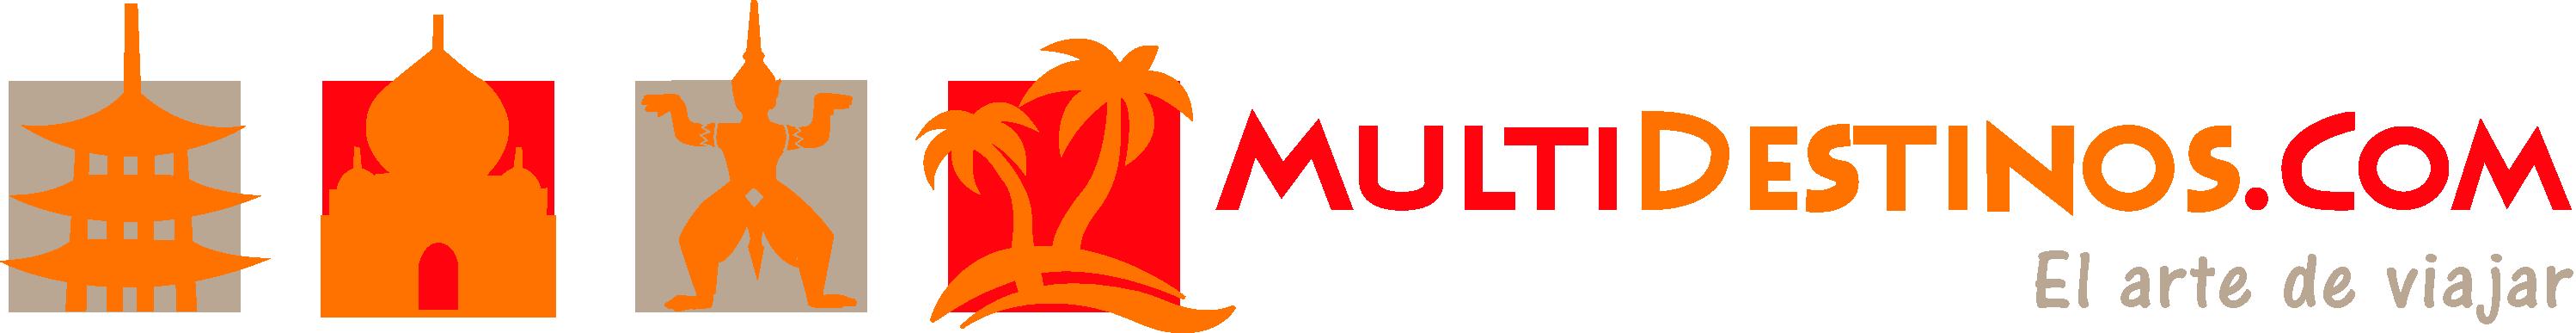 Logo multidestinos alargado.png sin fondo